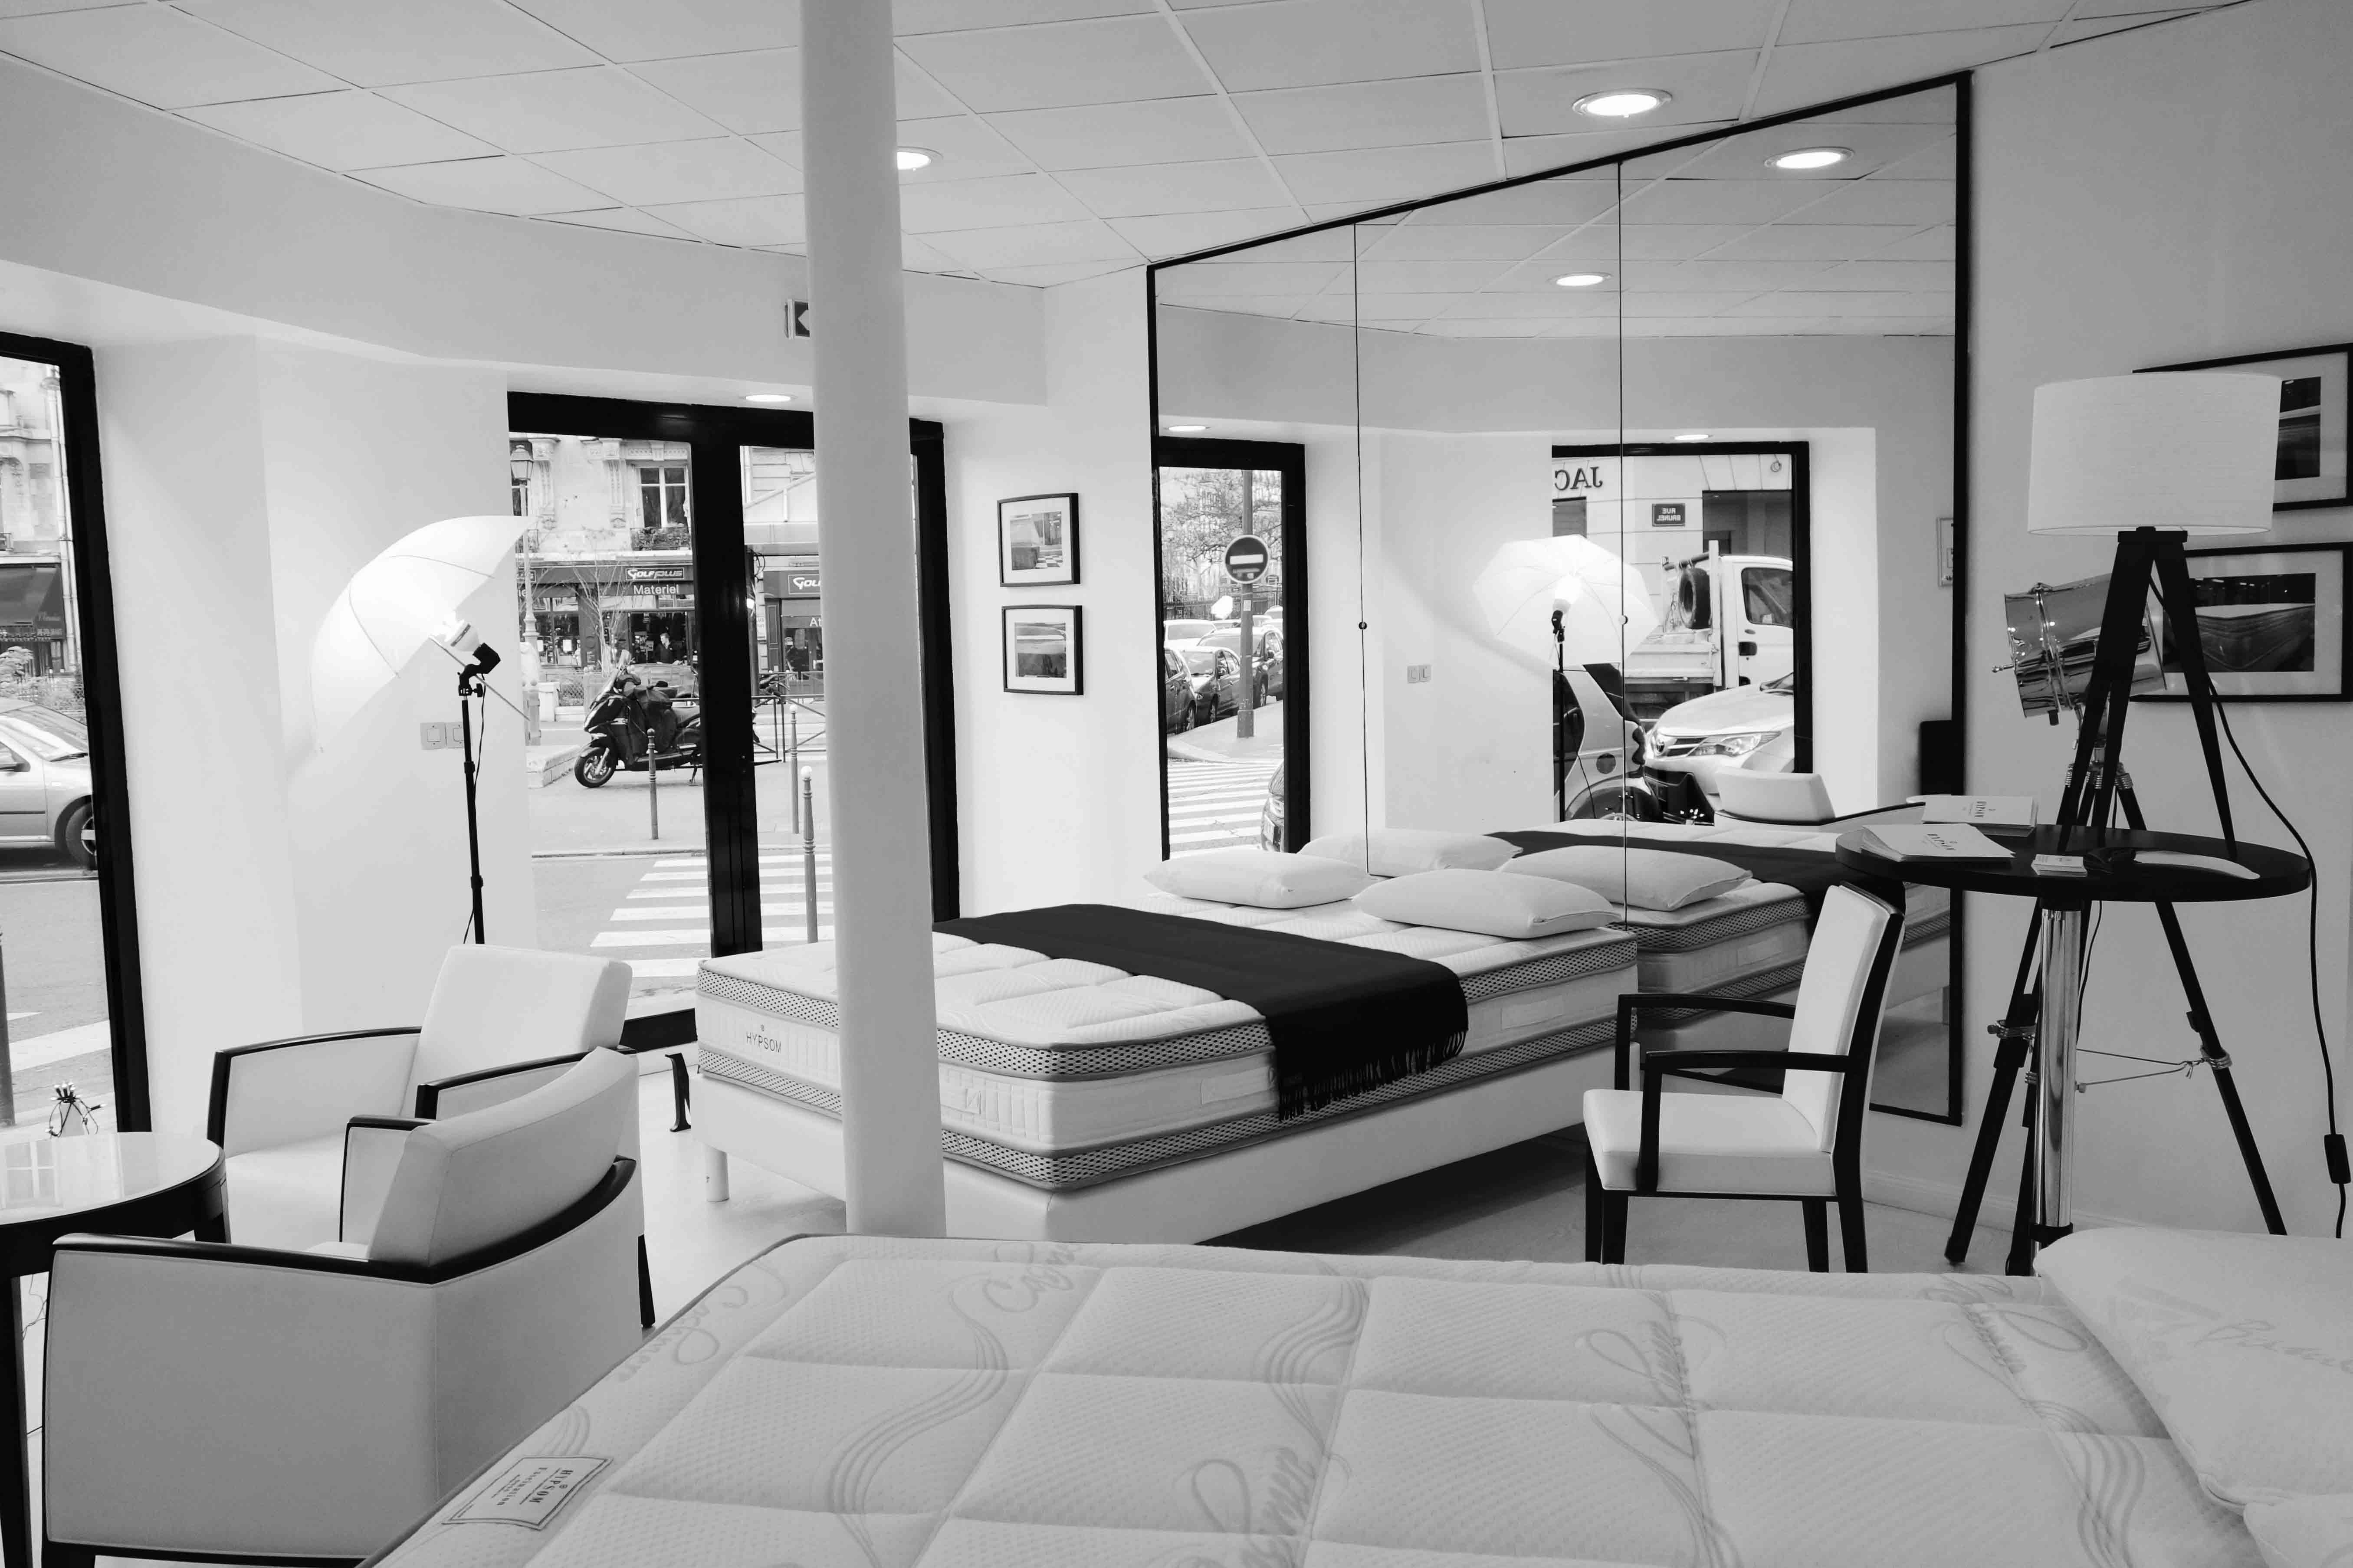 lits de haute qualit hypsom literie haut de gamme. Black Bedroom Furniture Sets. Home Design Ideas